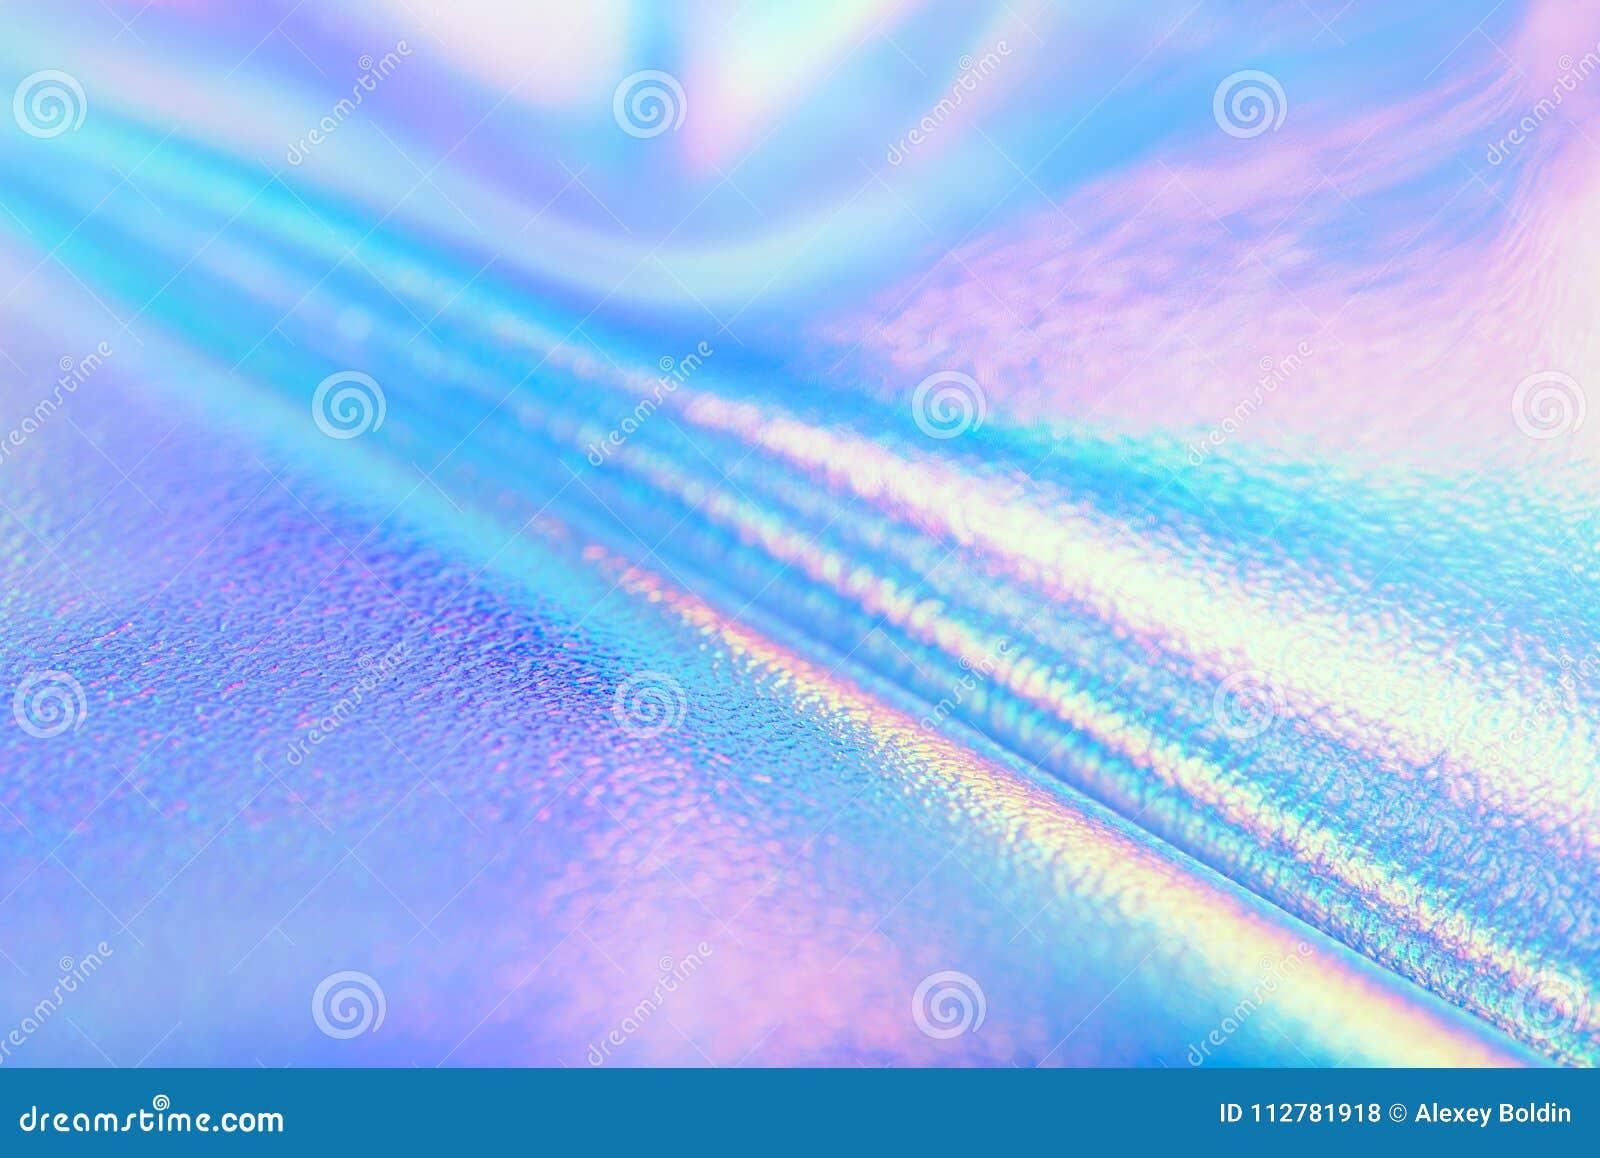 Texturas De Colores Pastel: Textura Olográfica Real Brillante De La Hoja En Colores